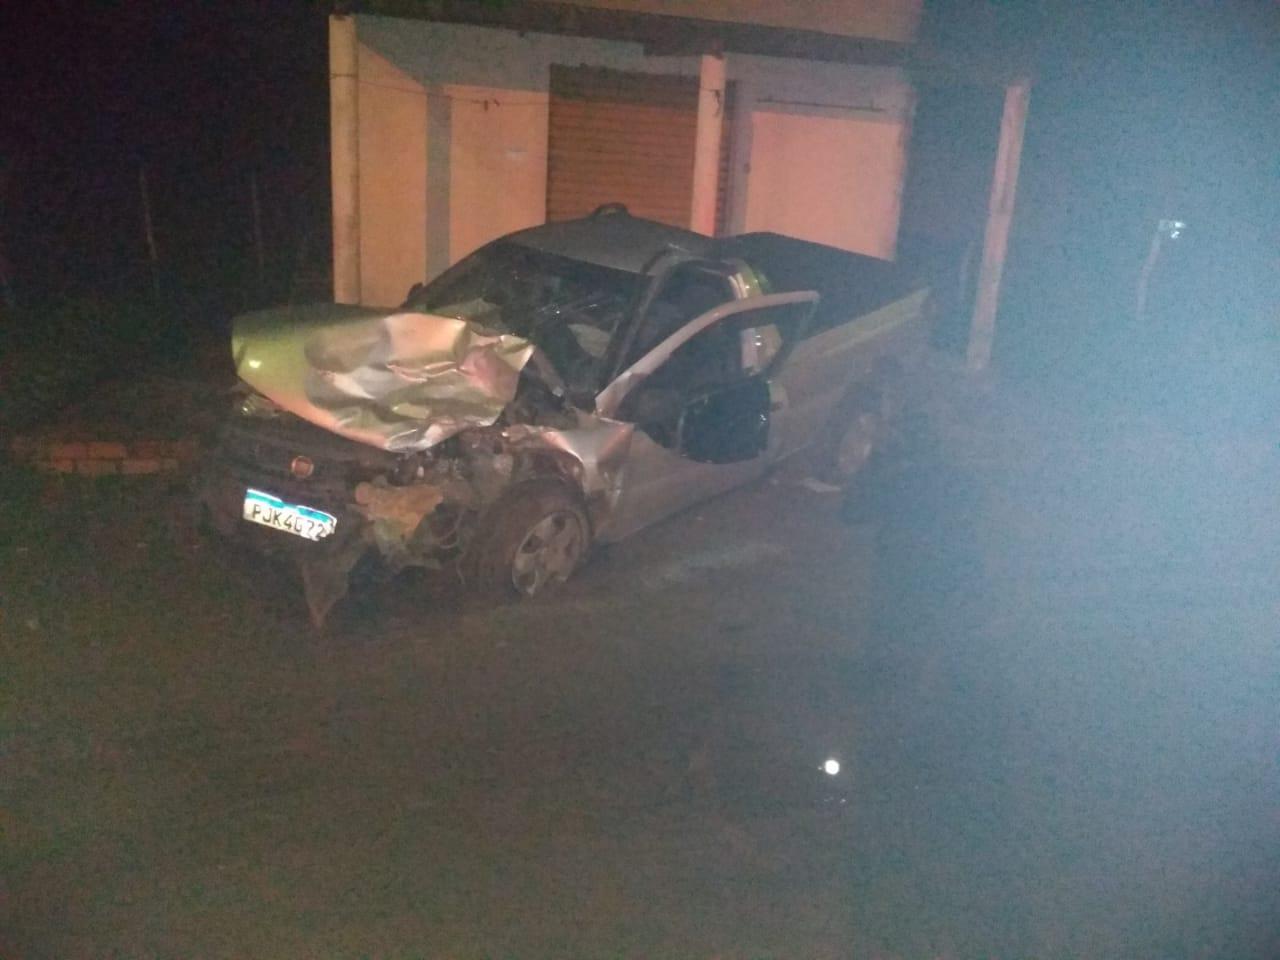 MÃO DE DEUS: Comerciante de Coração de Maria fica ferido após acidente de carro.